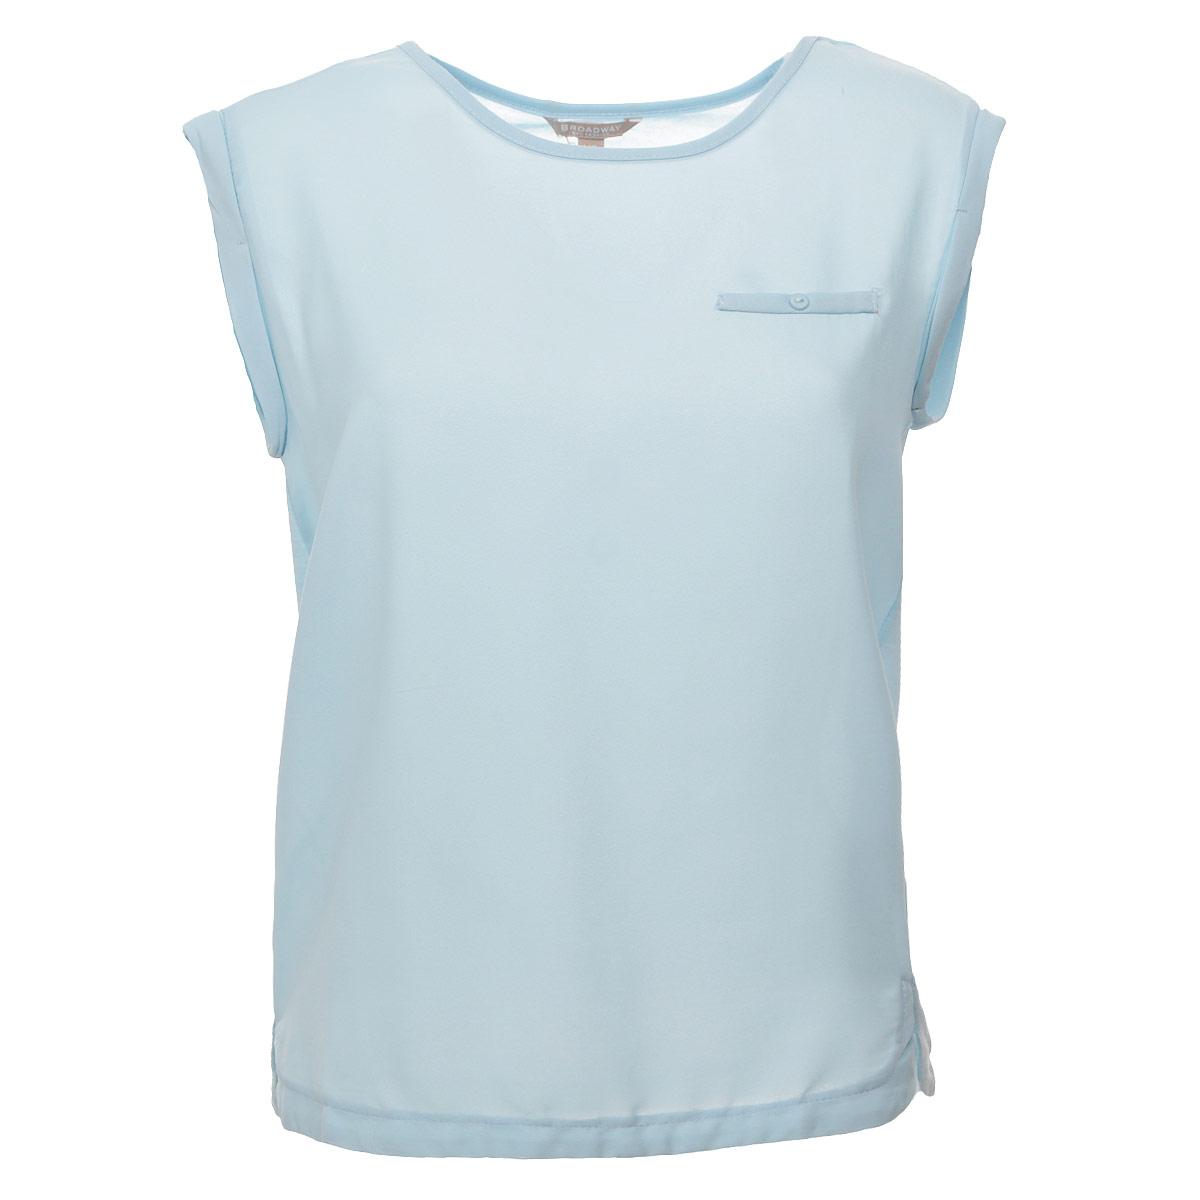 10152353 001Стильная блузка Broadway, выполненная из высококачественного материала, - находка для современной женщины, желающей выглядеть стильно и модно. Перед блузки выполнен из полиэстера, спинка - из полиэстера и вискозы. Модель свободного кроя с короткими рукавами и круглым вырезом горловины будет отлично на вас смотреться. На груди блузка оформлена имитацией прорезного кармашка на пуговице. Рукава оформлены набольшими отворотами. Такая модель, несомненно, вам понравится и послужит отличным дополнением к вашему гардеробу.